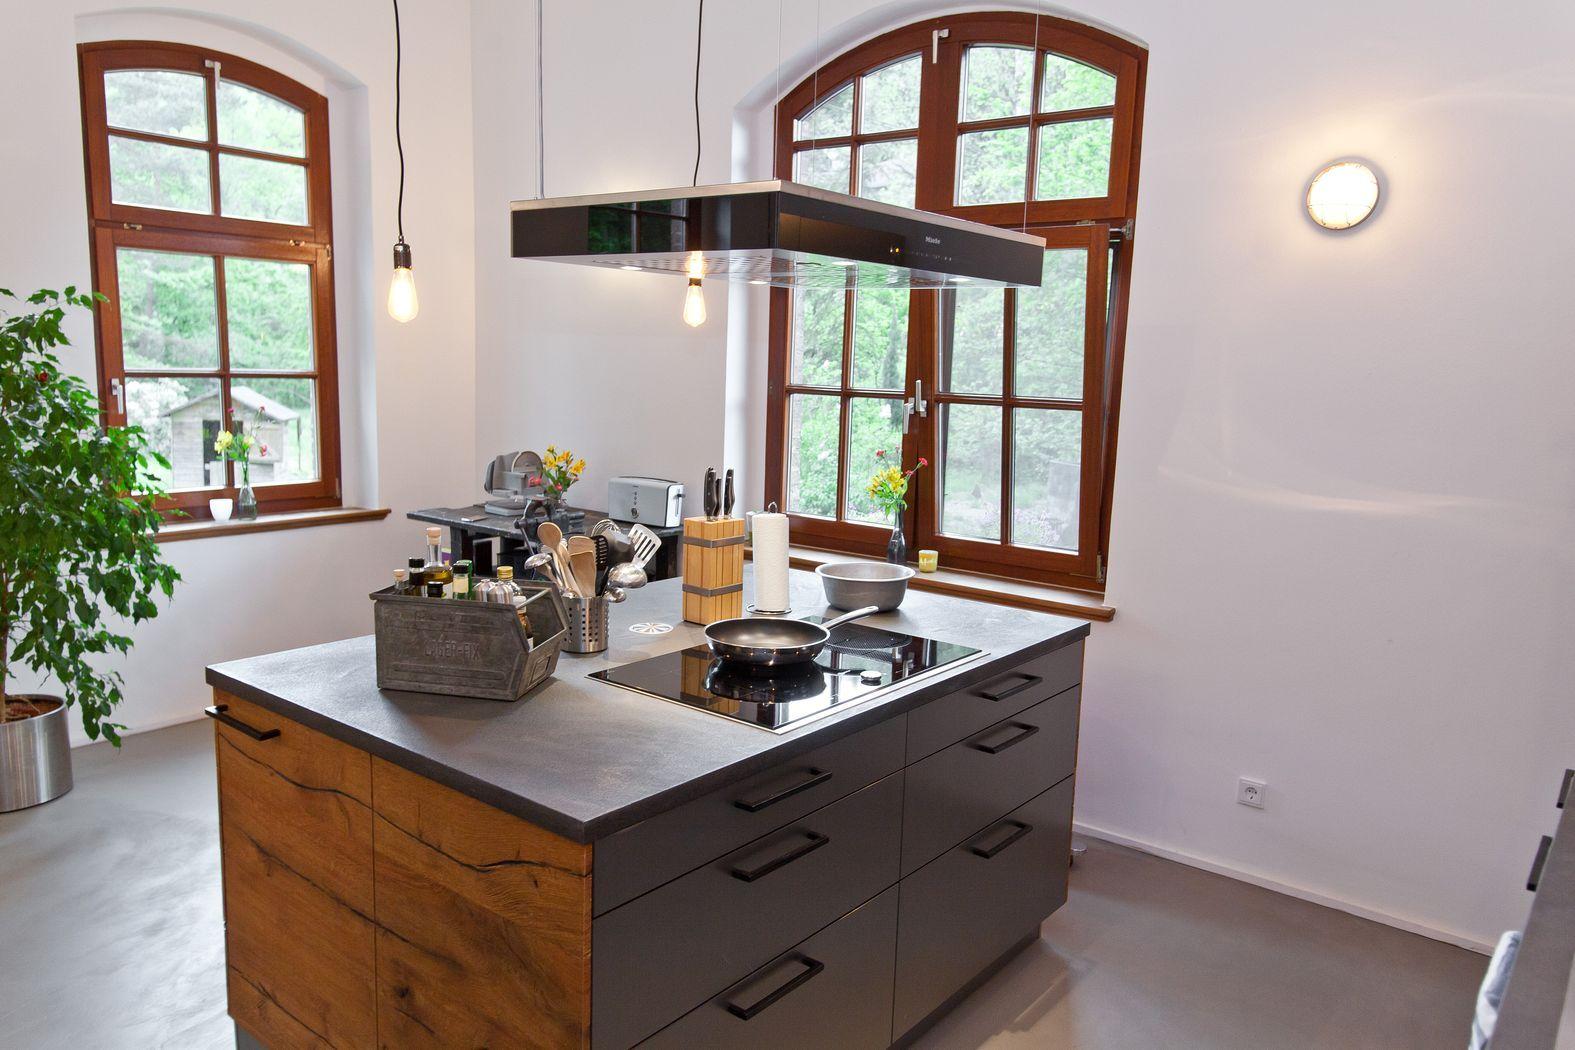 Küche: Wenn Landhausstil Auf Moderne Trifft   Küchenhaus Thiemann  Overath/Vilkerath